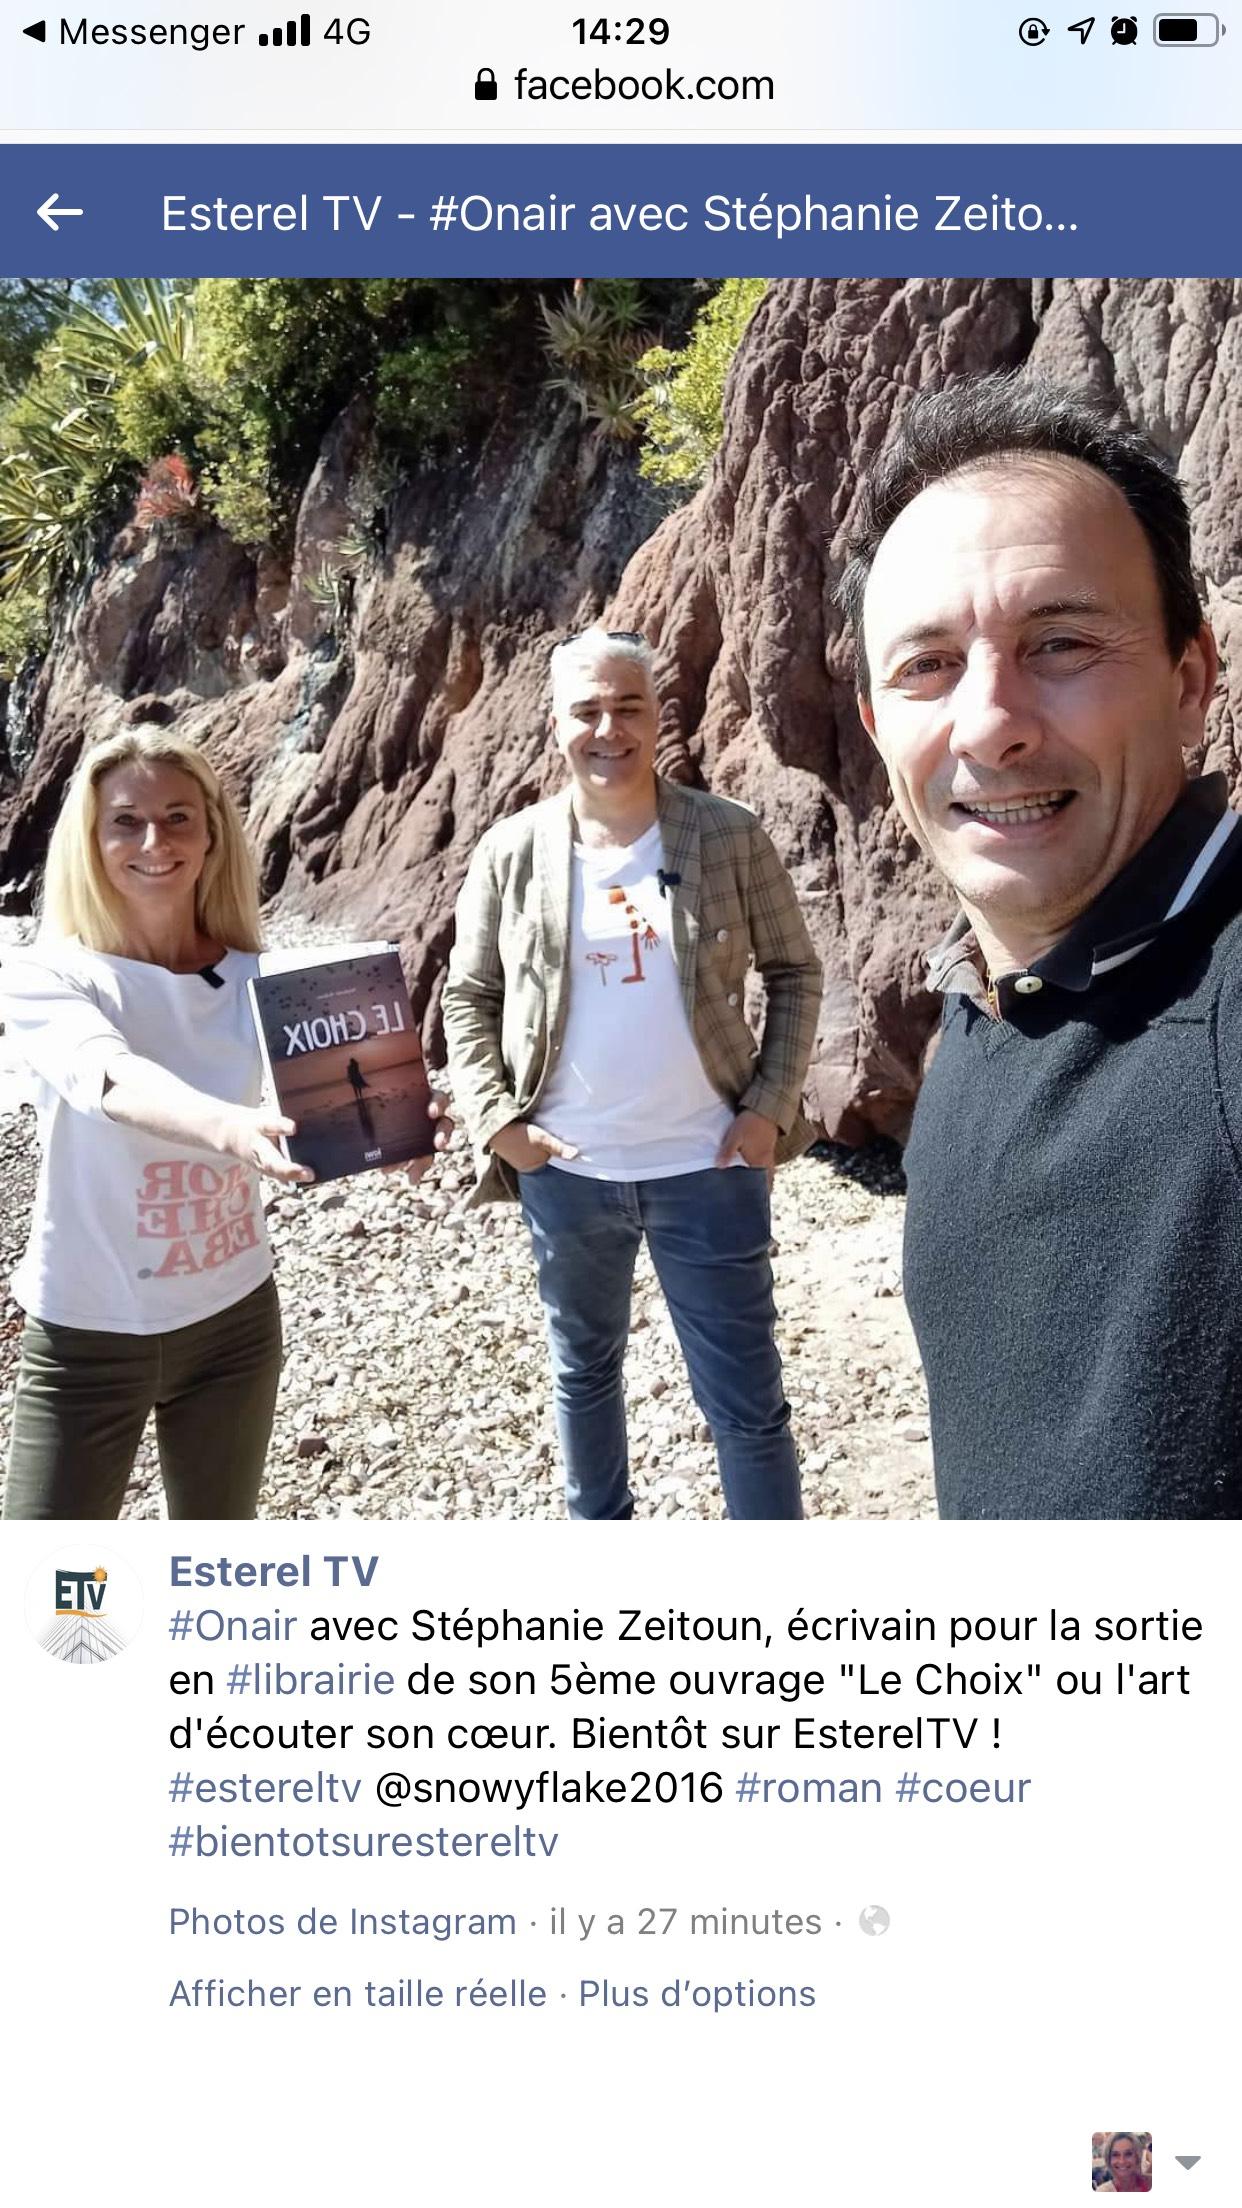 Esterel TV